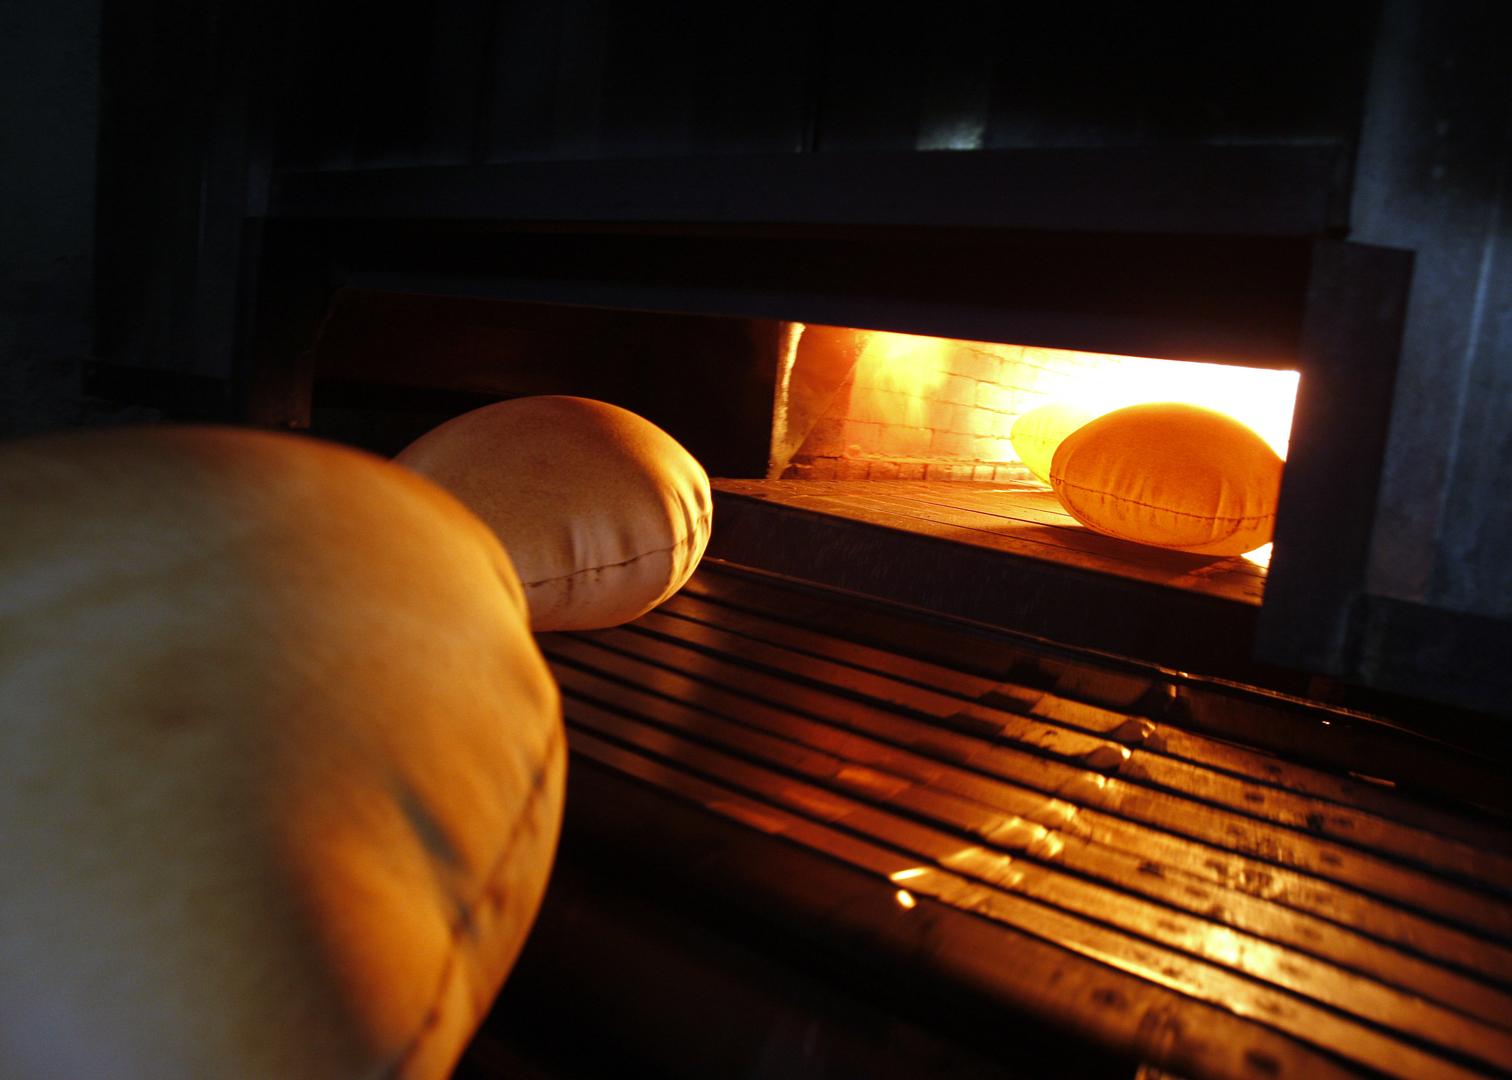 بعد رفع سعرها 6 مرات في أقل من عام..  انخفاض سعر ربطة الخبز في لبنان ورفع وزنها